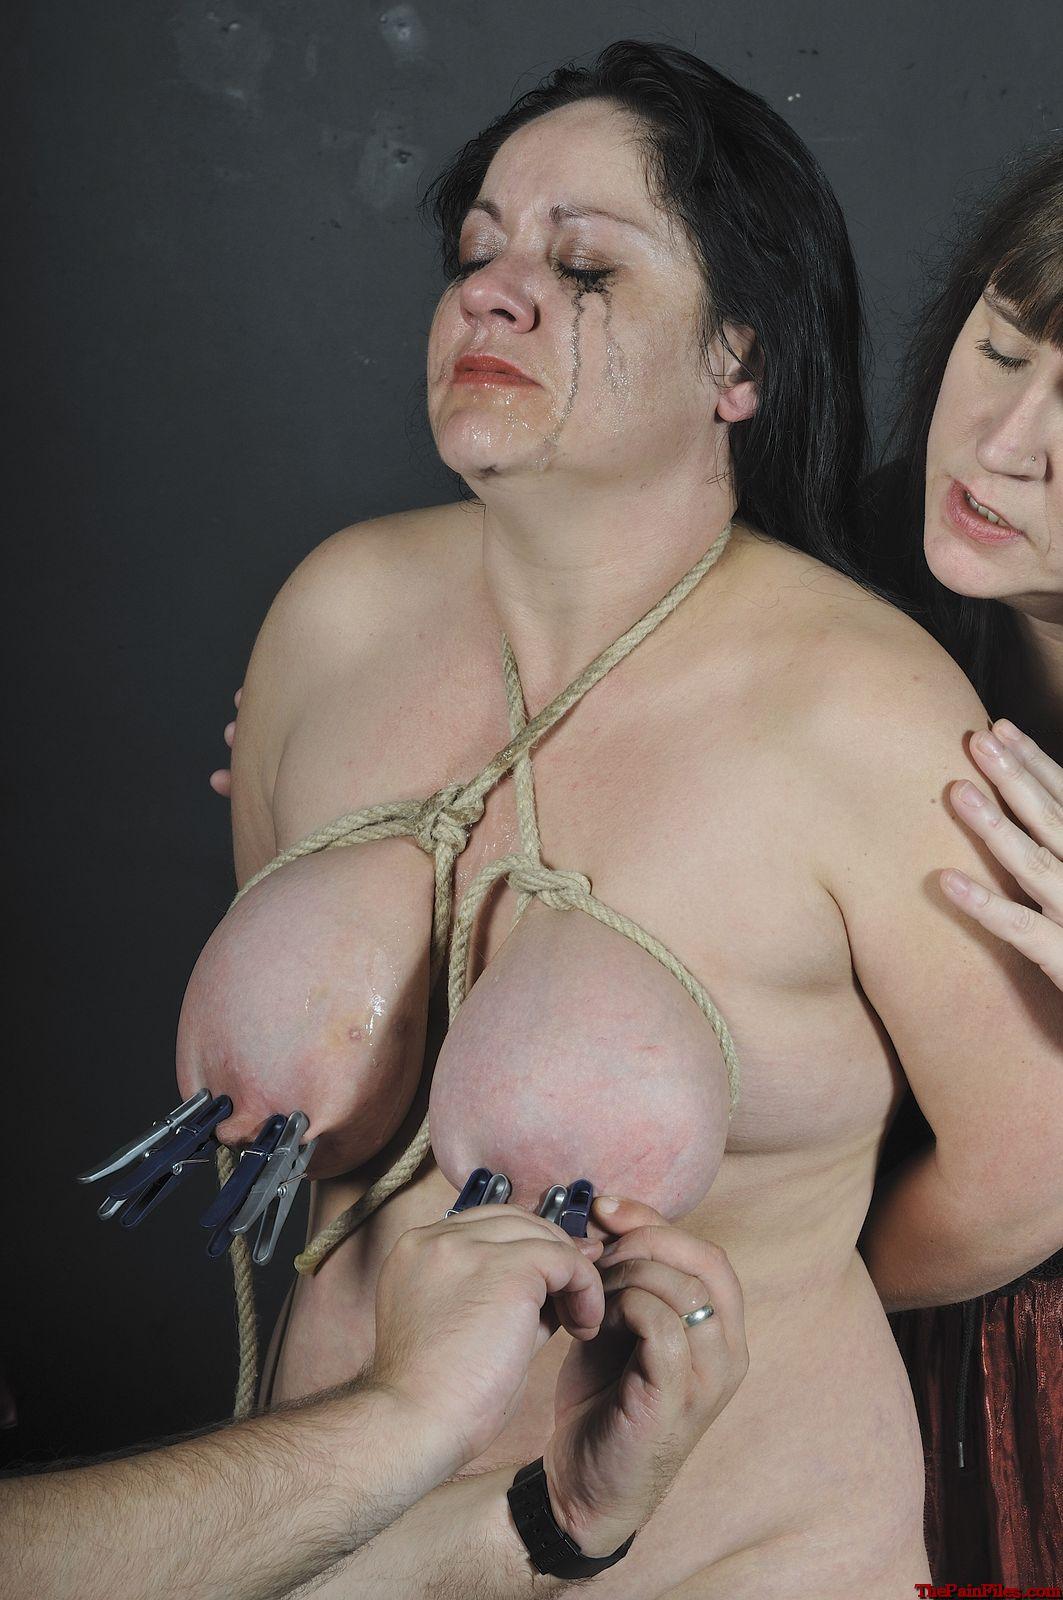 Смотреть жестокий секс порнушка 1 фотография